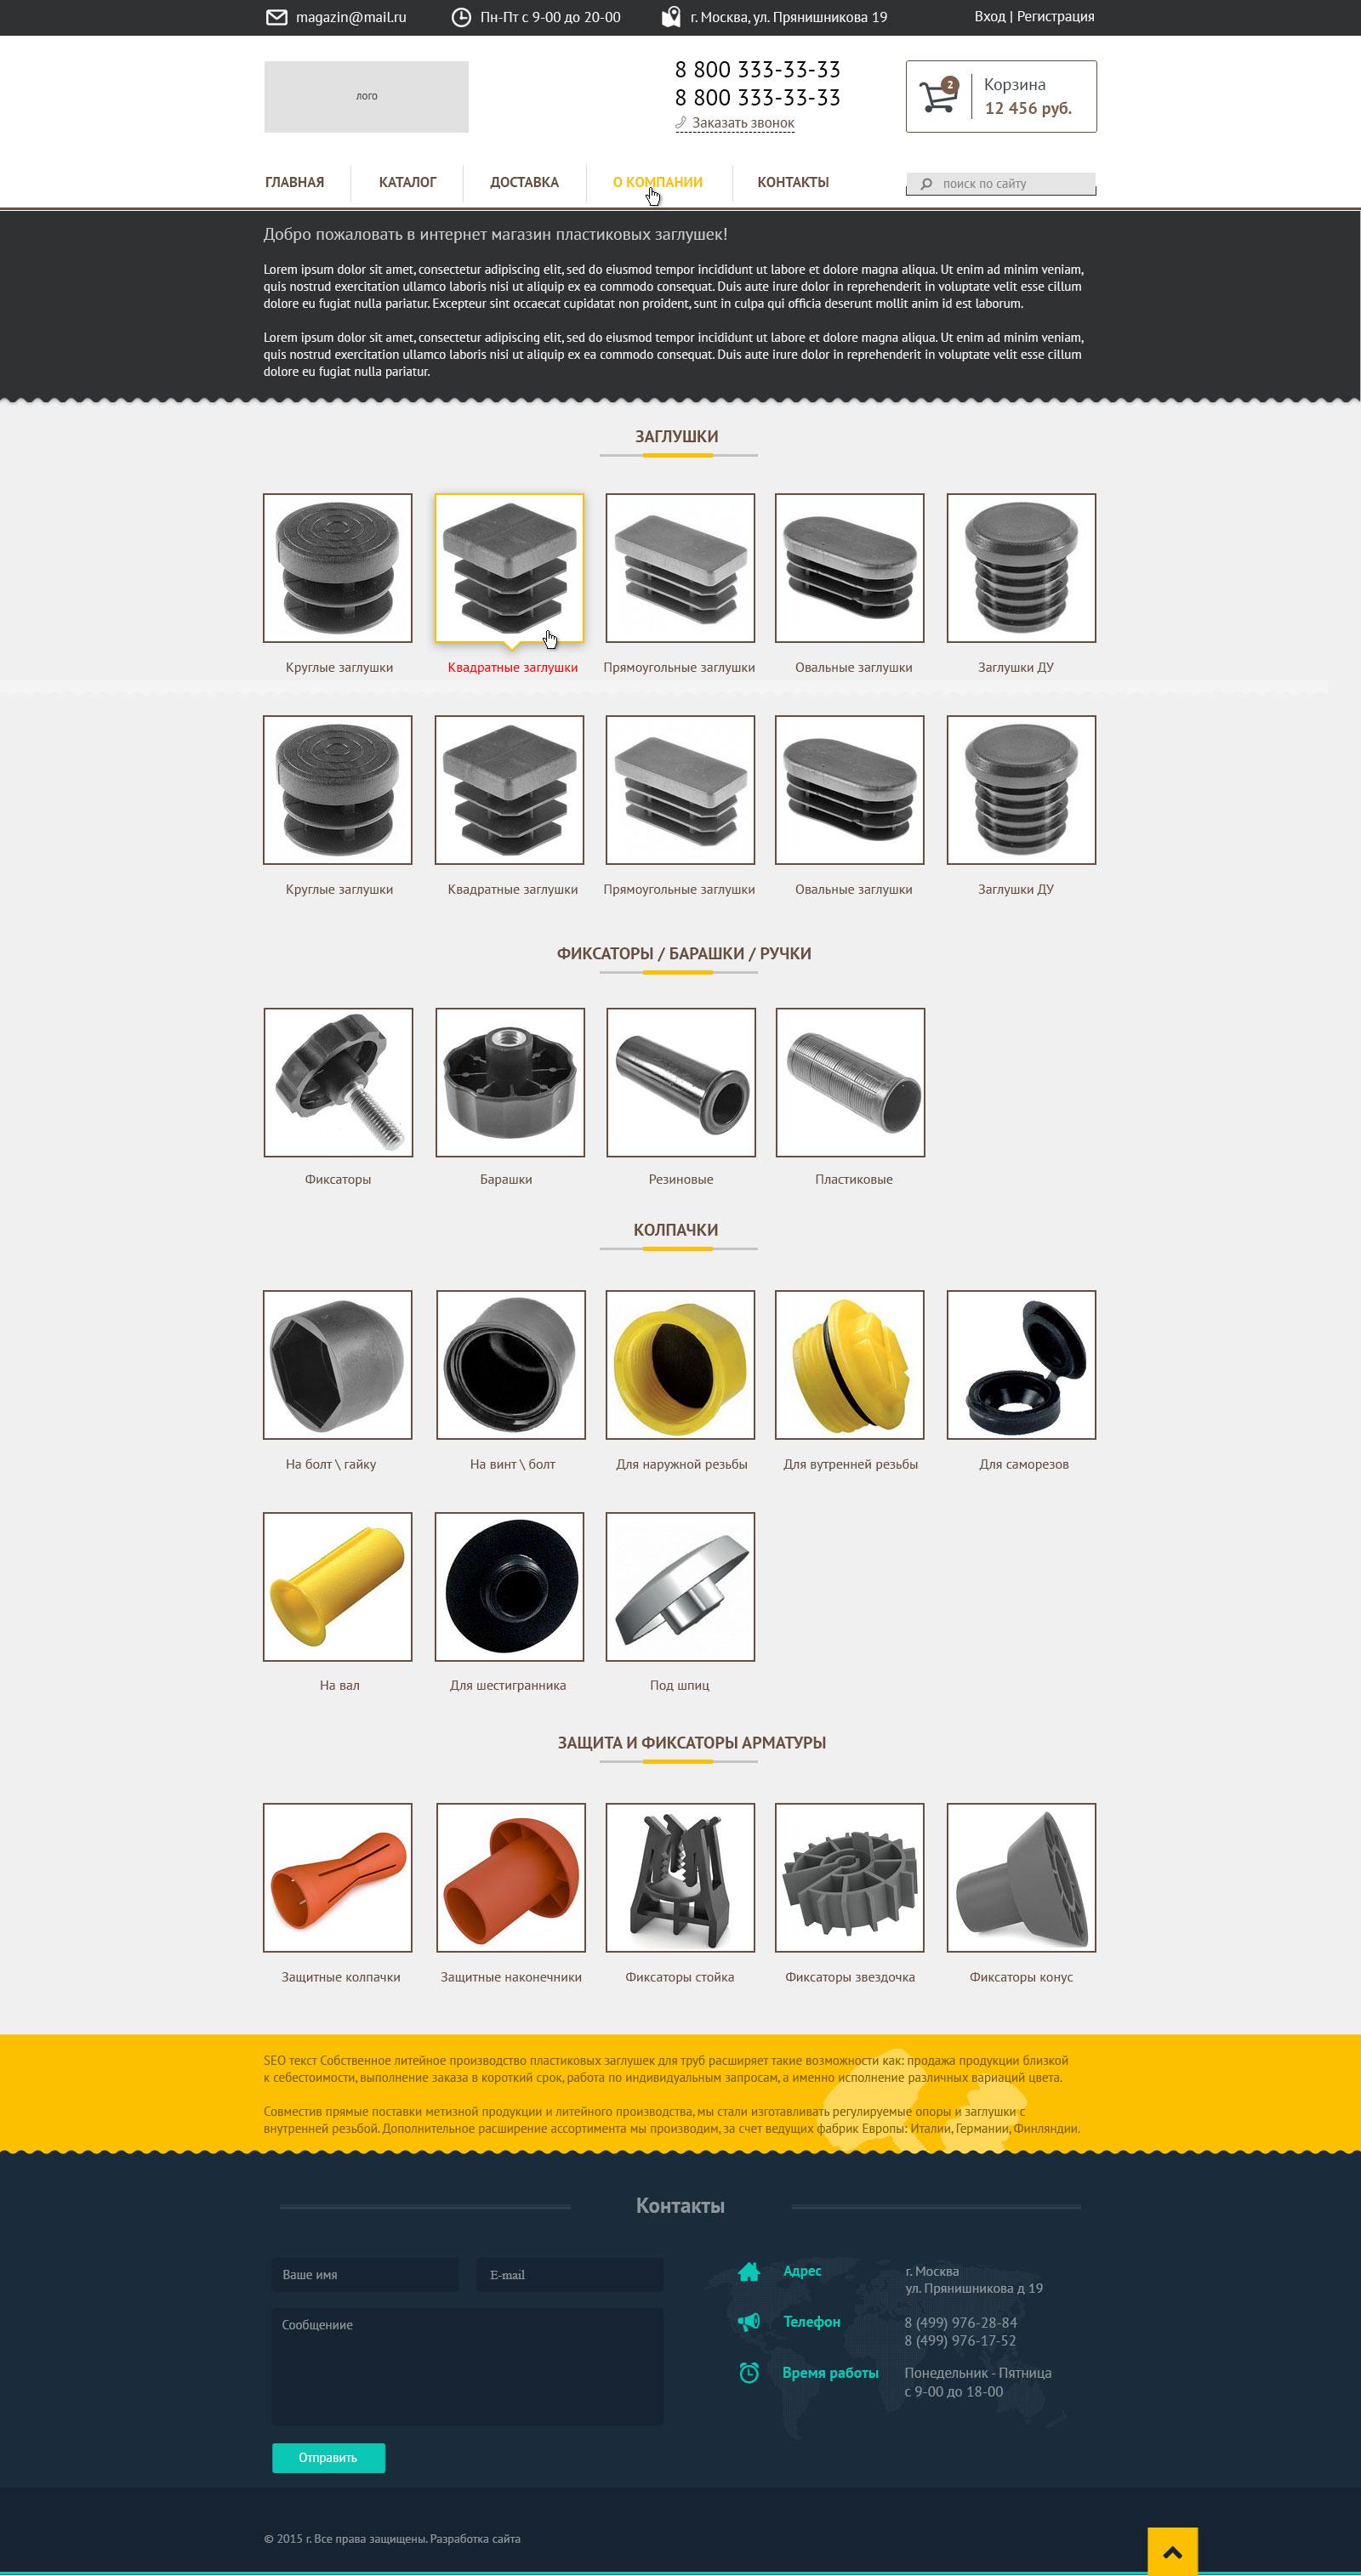 Заглушка - интернет магазин пластиковых заглушек